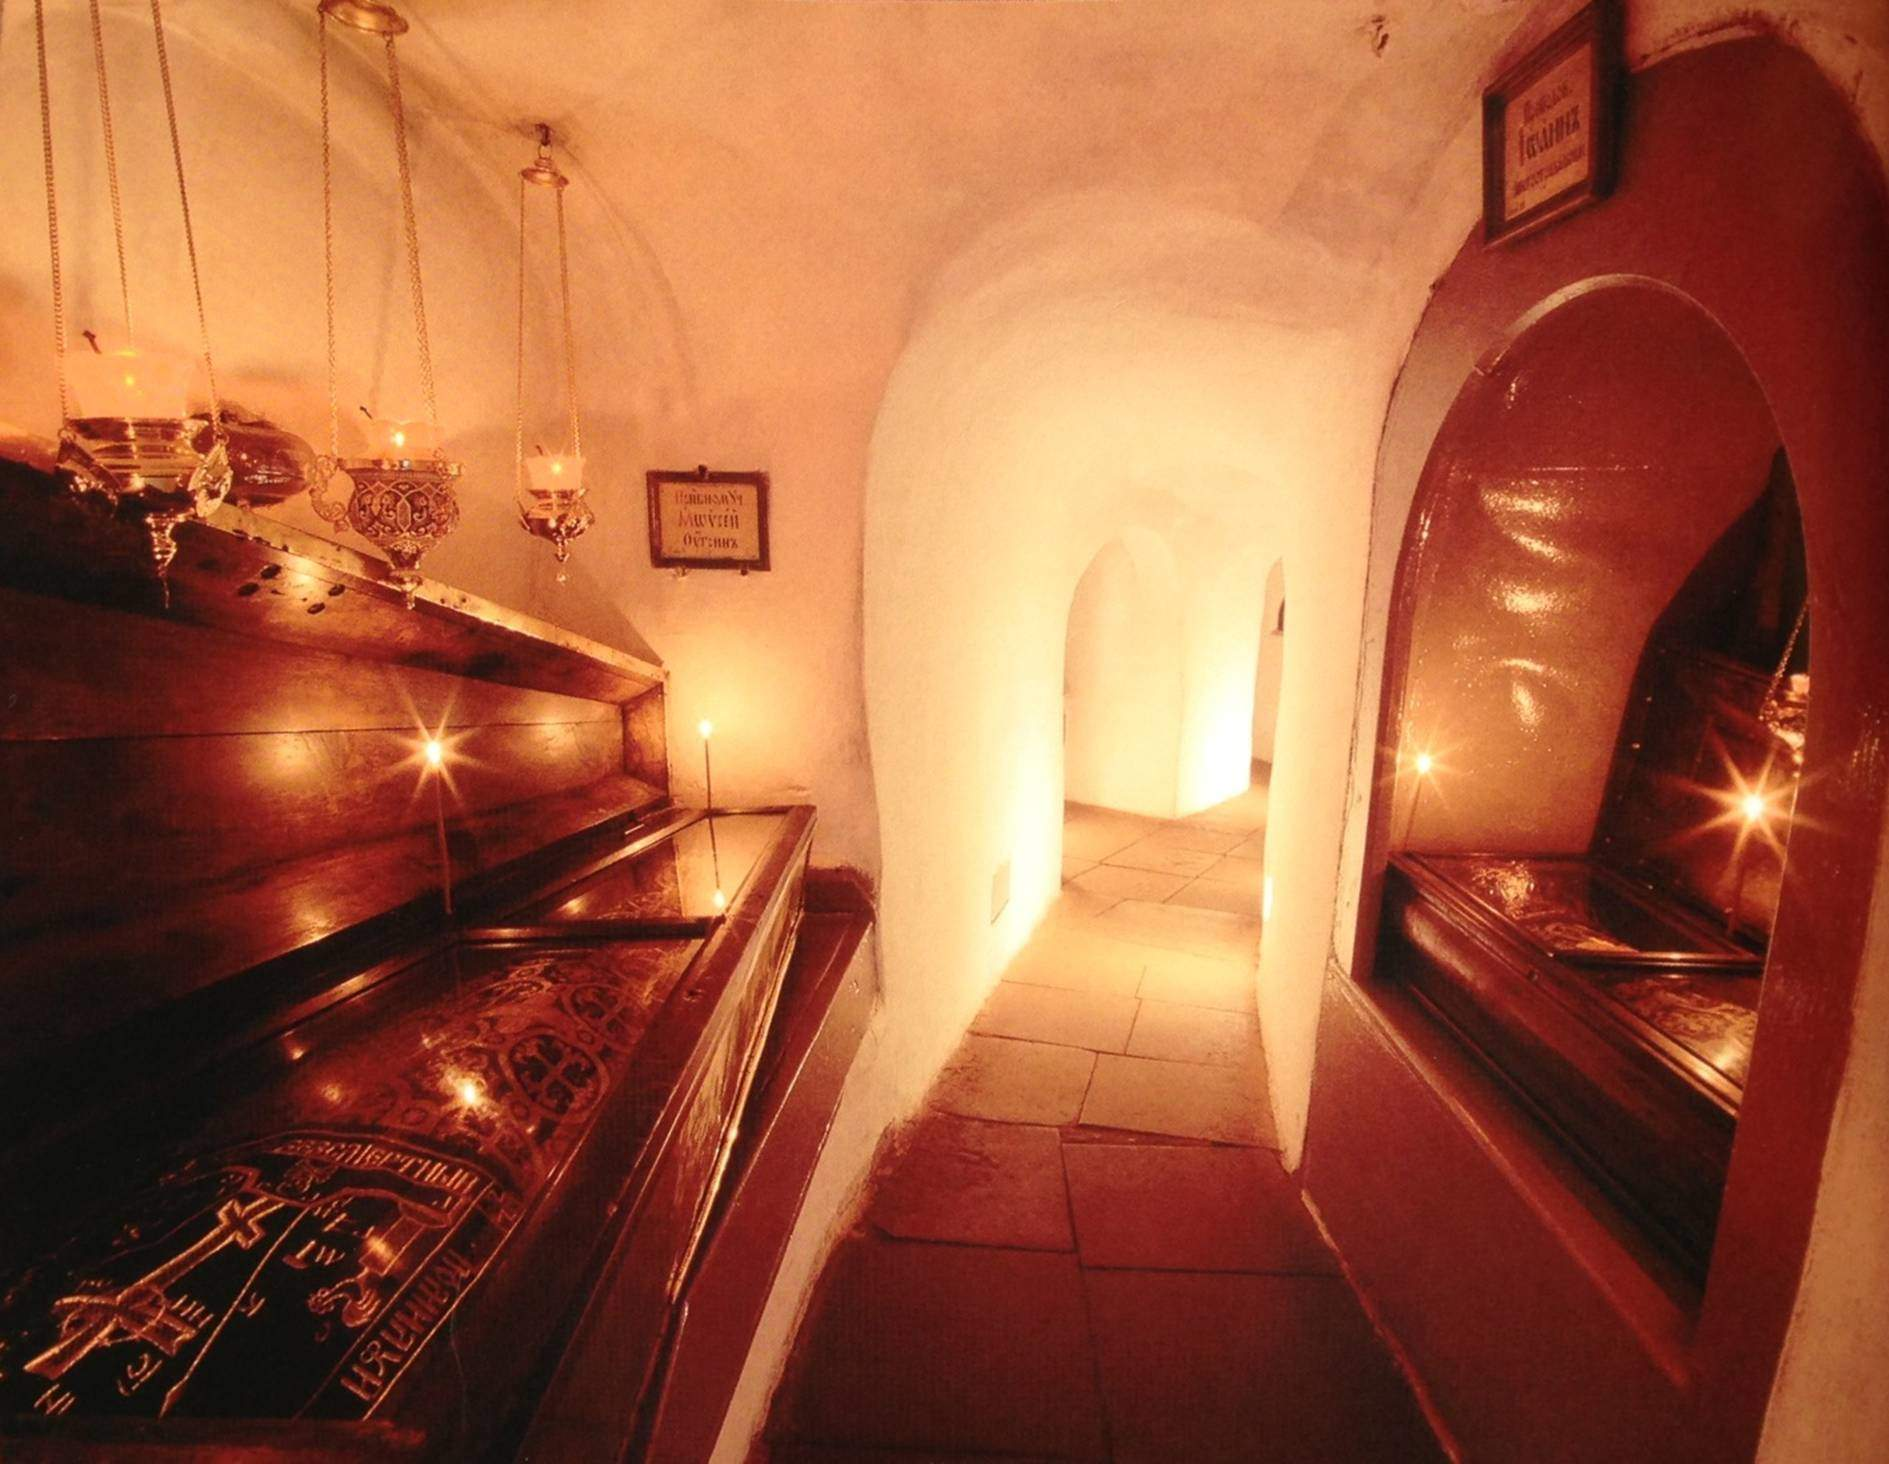 Büyük Knez Vladimir, Hıristiyanlığı Rusya'nın o zamanki başkenti Kiev'de kabul etti ve Hıristiyanlığı ilk Kiev'de yaymaya başladı. Aziz Antuan, Athos Dağı'ndan dönüşte Kiev yakınlarında, Pechersk'te ilk mağarayı kazarak Lavra Manastırı'nın nüvesini oluşturdu. I. Yaroslav döneminde, 1051 yılında Kiev, Lavra Manastırı bu mağaranın etrafında oluştu. Keşişler yeni mağaralar kazdılar, bunları yeraltı koridorları ile birbirine bağladılar. Bu mağaralar ibadet yeri olduğu gibi, gömü yeri de oldu.